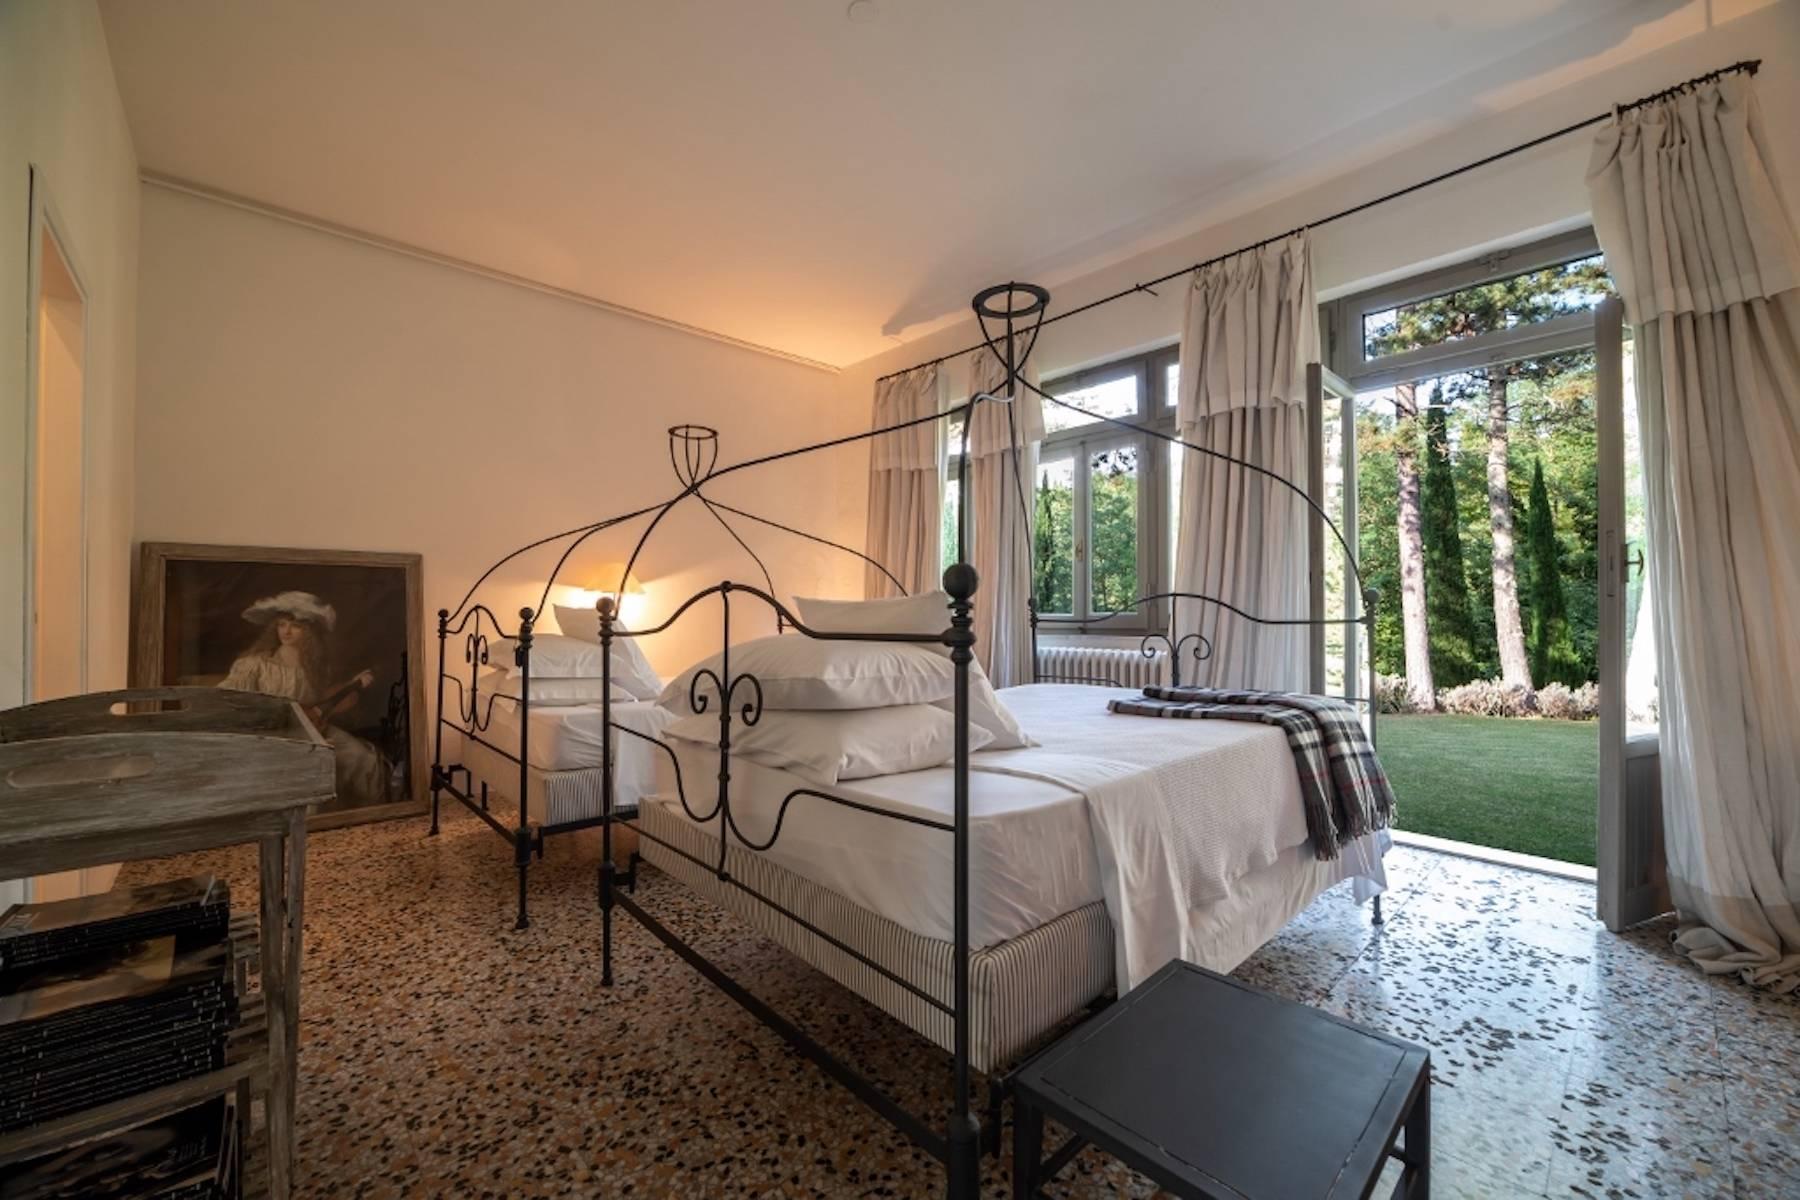 Villa in Vendita a San Casciano Dei Bagni: 5 locali, 600 mq - Foto 12